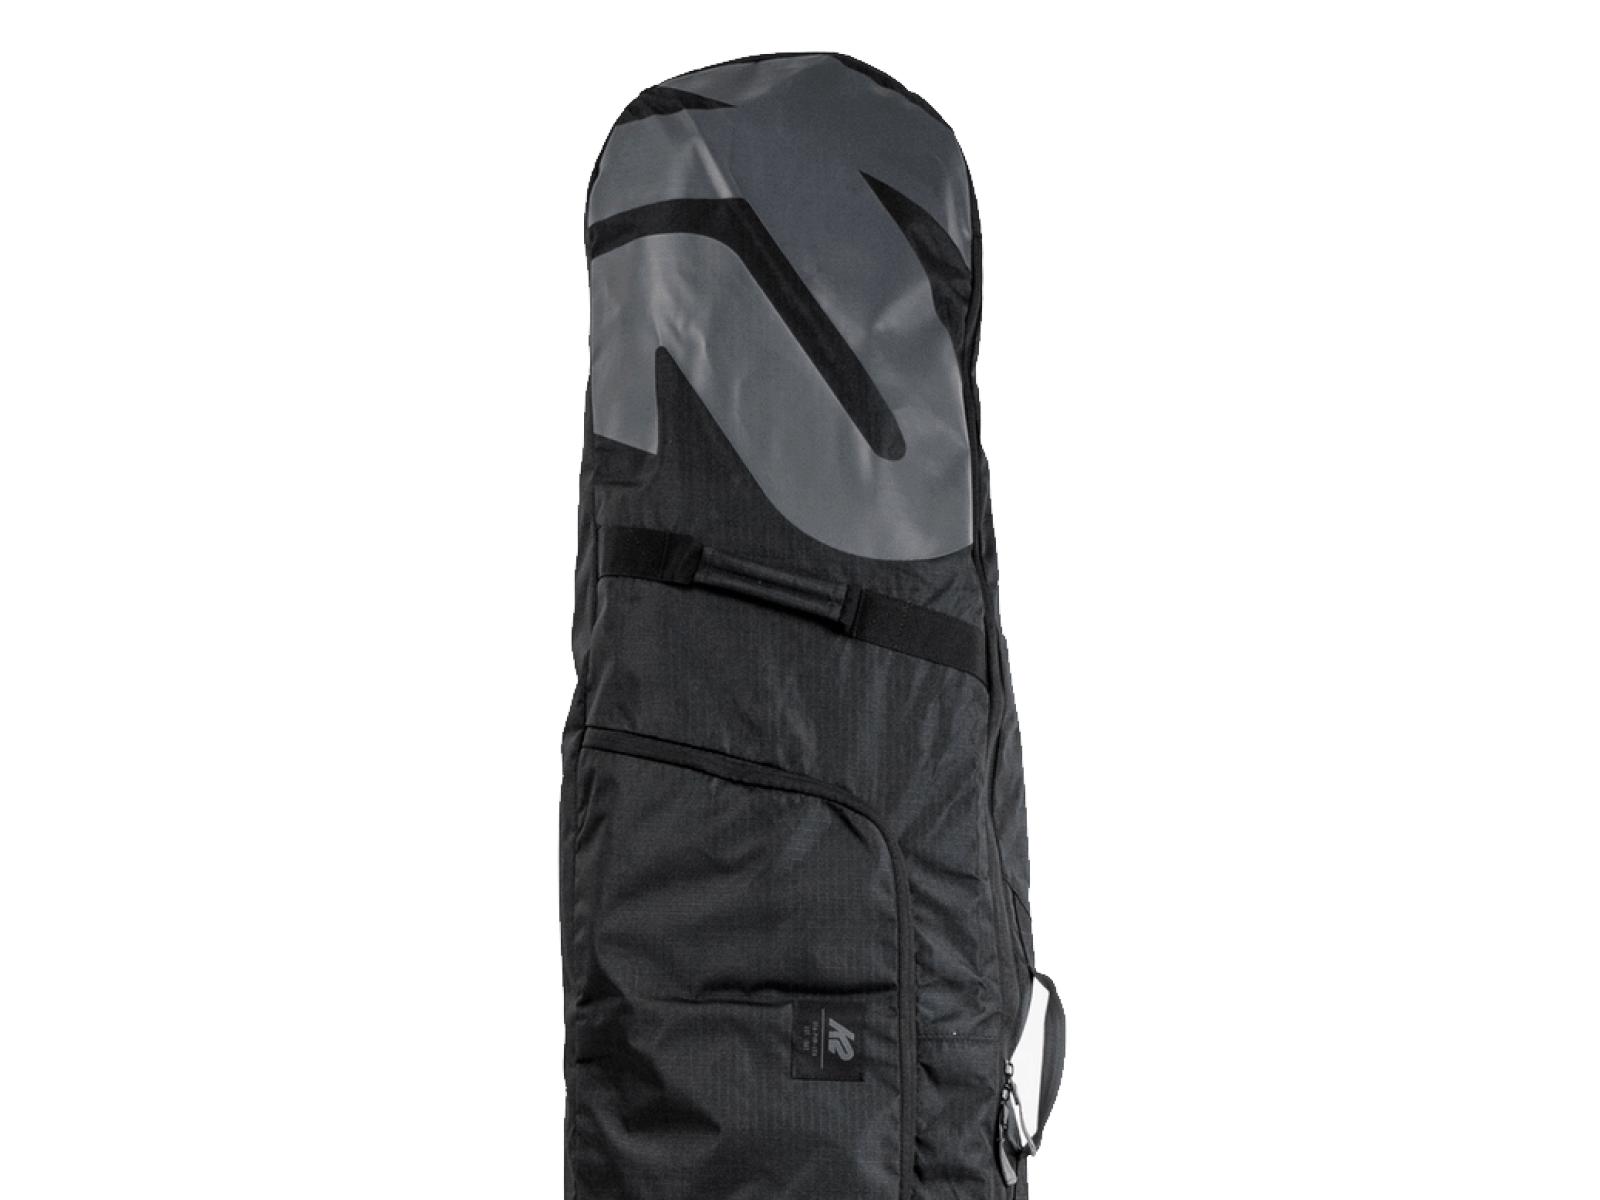 K2 Paddle Boar Bag - černá 2019/2020